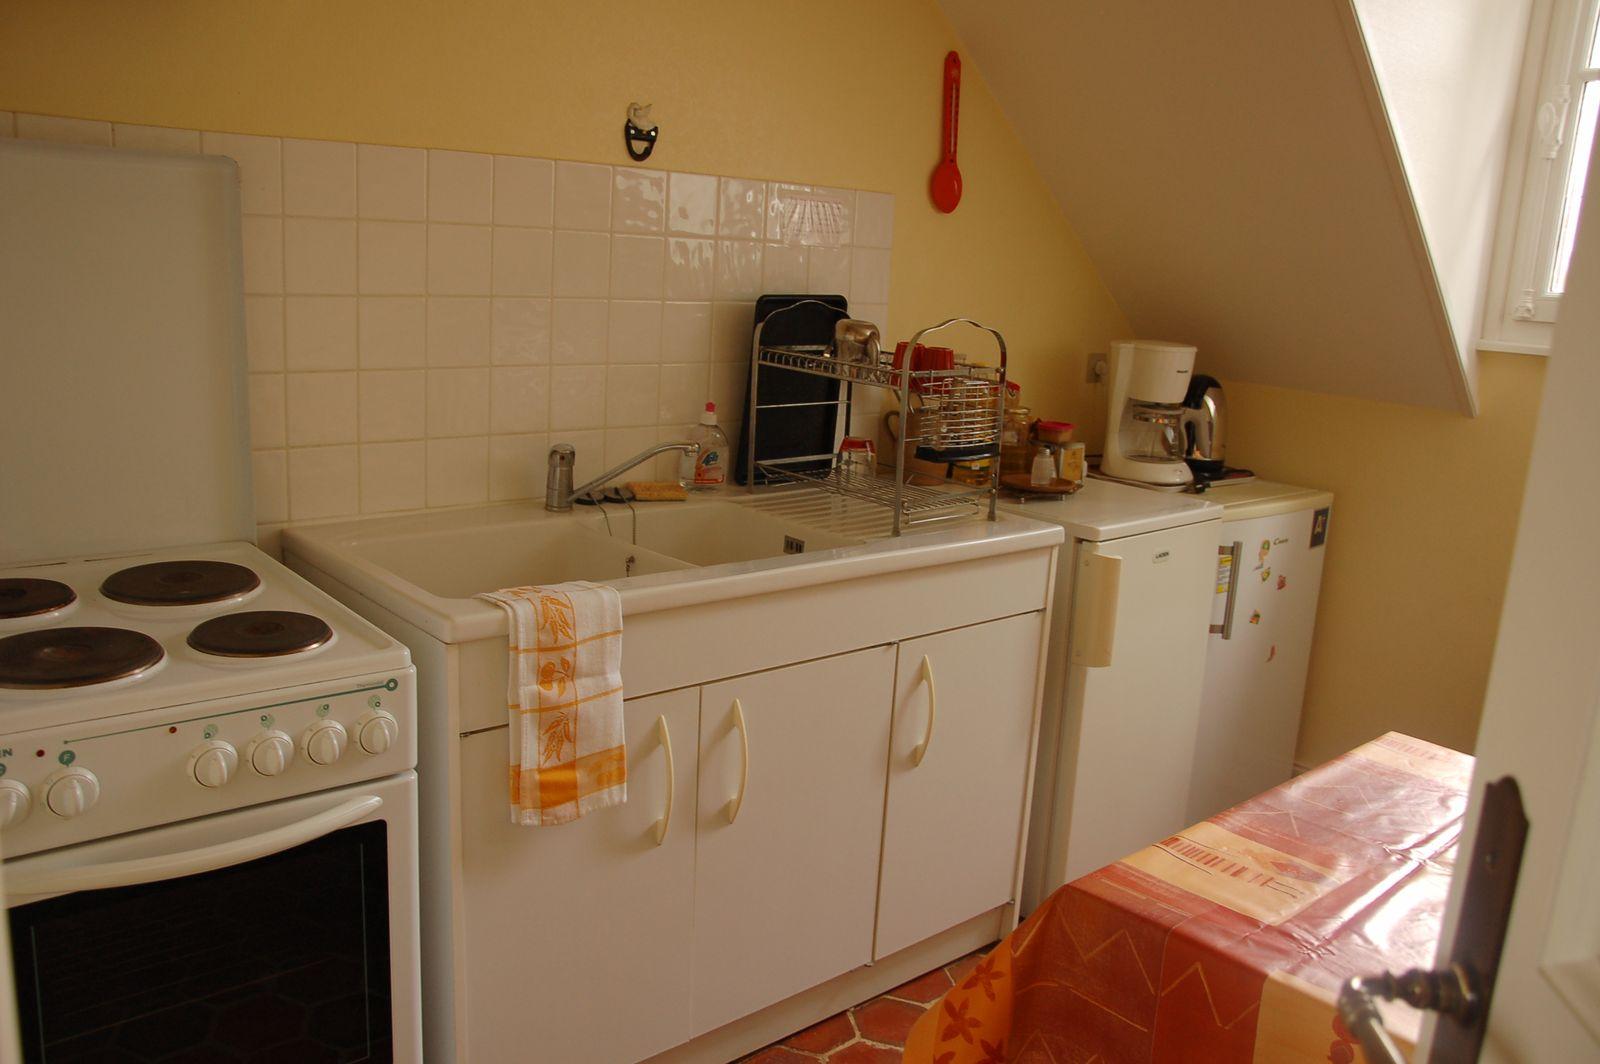 Cuisine équipée avec four, plaques et micro-onde, située à l'étage près de la pièce à vivre. Vue sur le vignoble. 51G465 - Le Cabanon Champenois - Ambonnay - Gîtes de France Marne